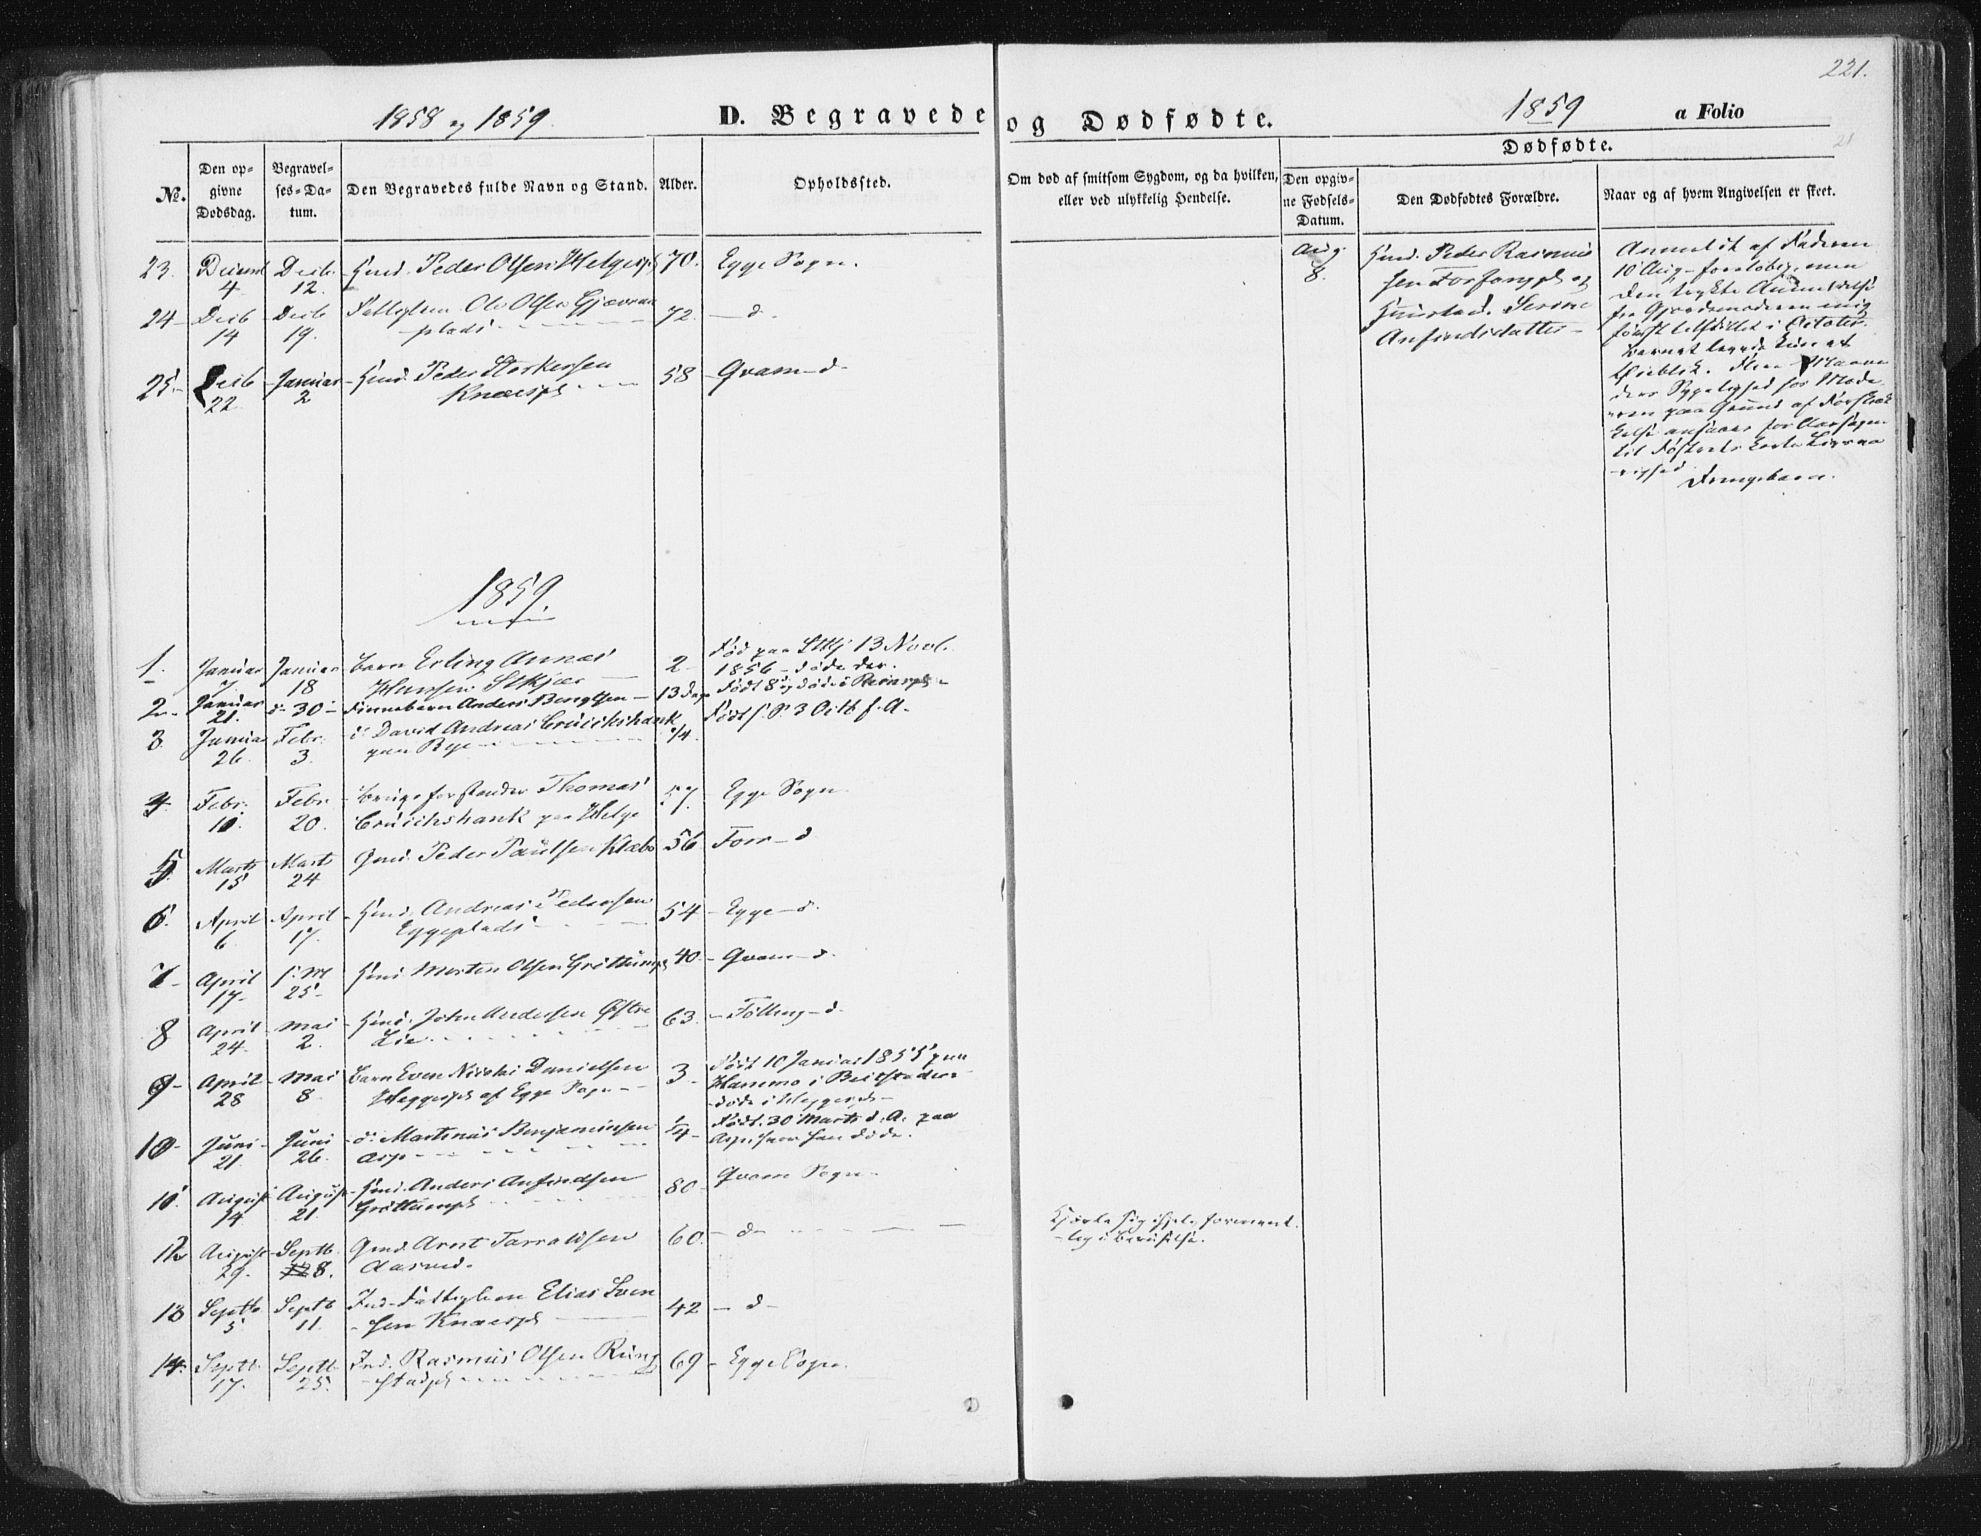 SAT, Ministerialprotokoller, klokkerbøker og fødselsregistre - Nord-Trøndelag, 746/L0446: Ministerialbok nr. 746A05, 1846-1859, s. 221